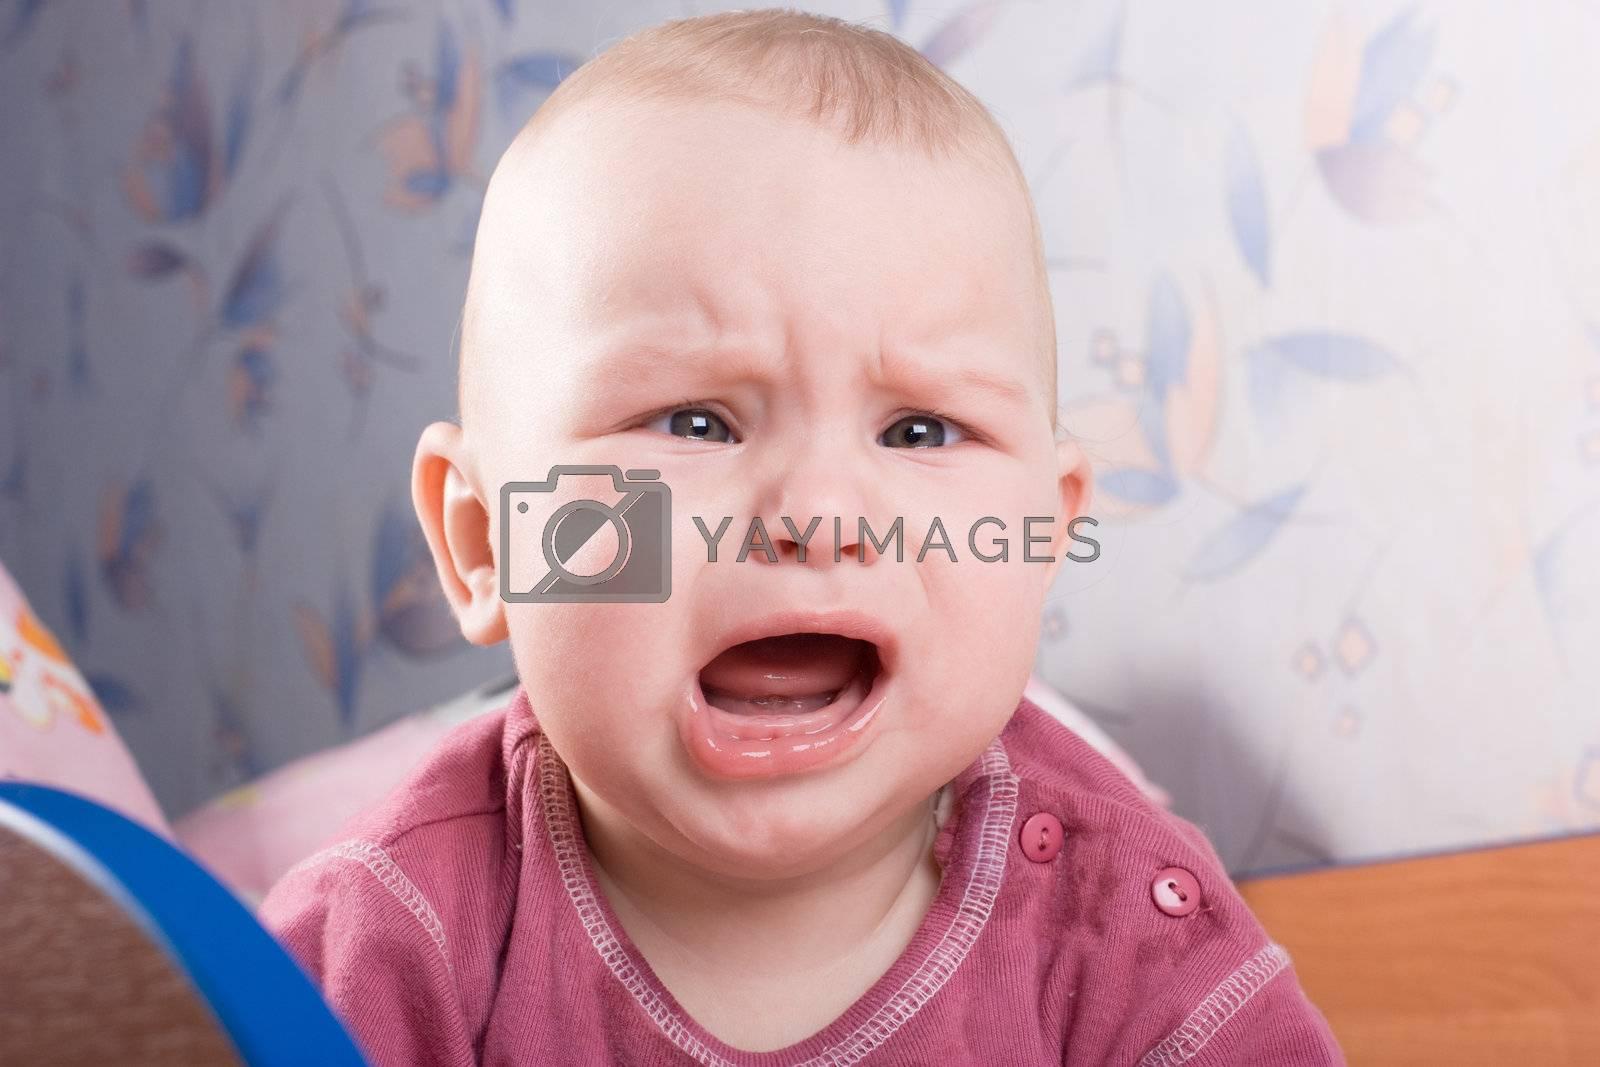 Crying baby boy stock photo. Image of child, chinese